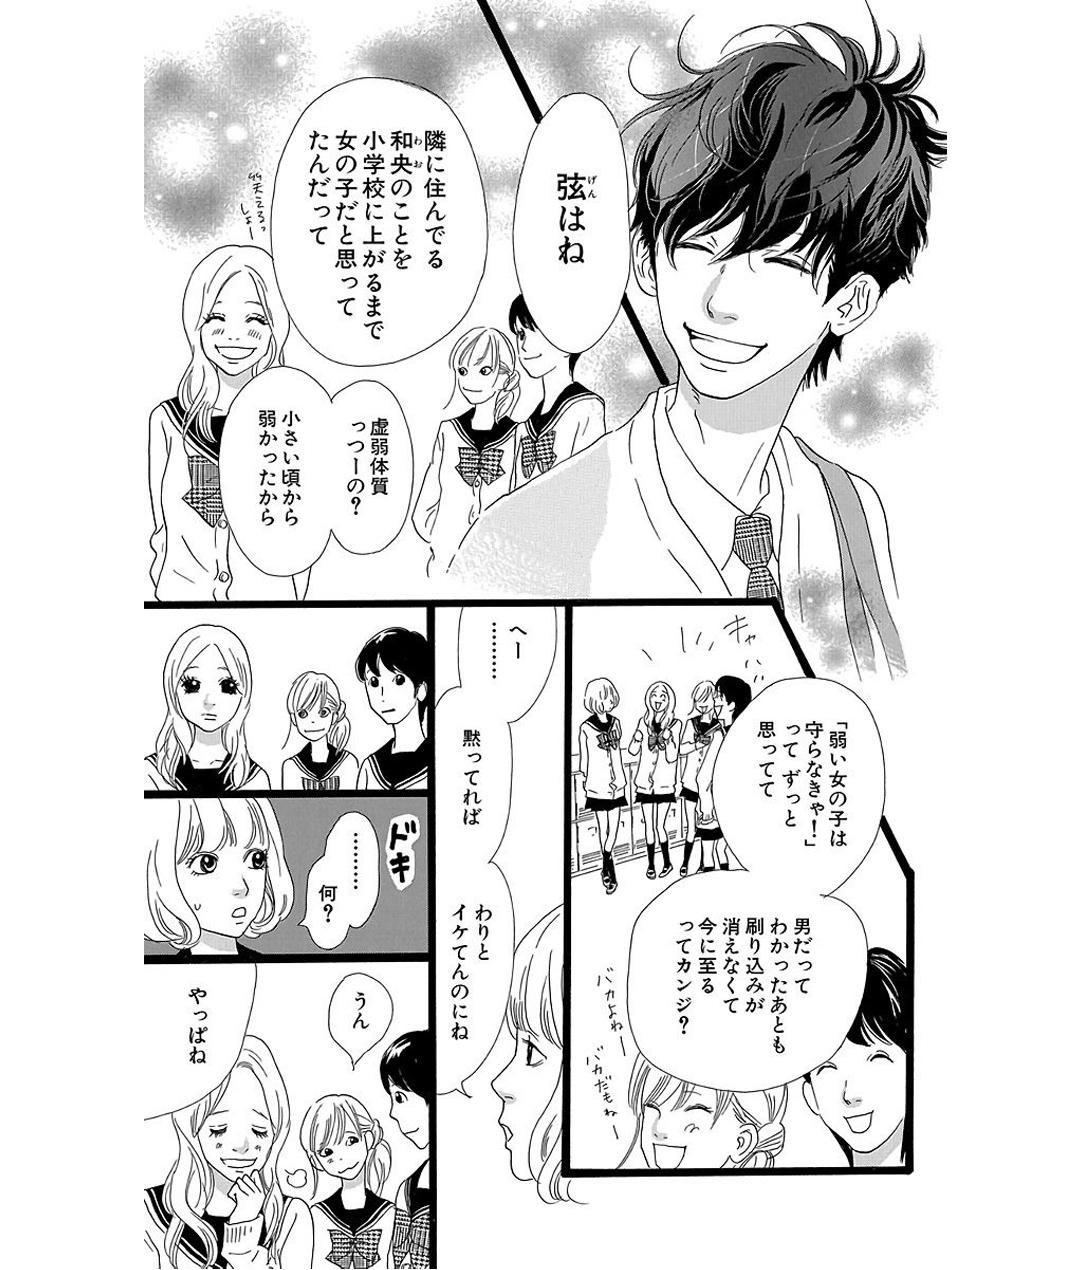 プリンシパル 第1話 試し読み_1_1-29